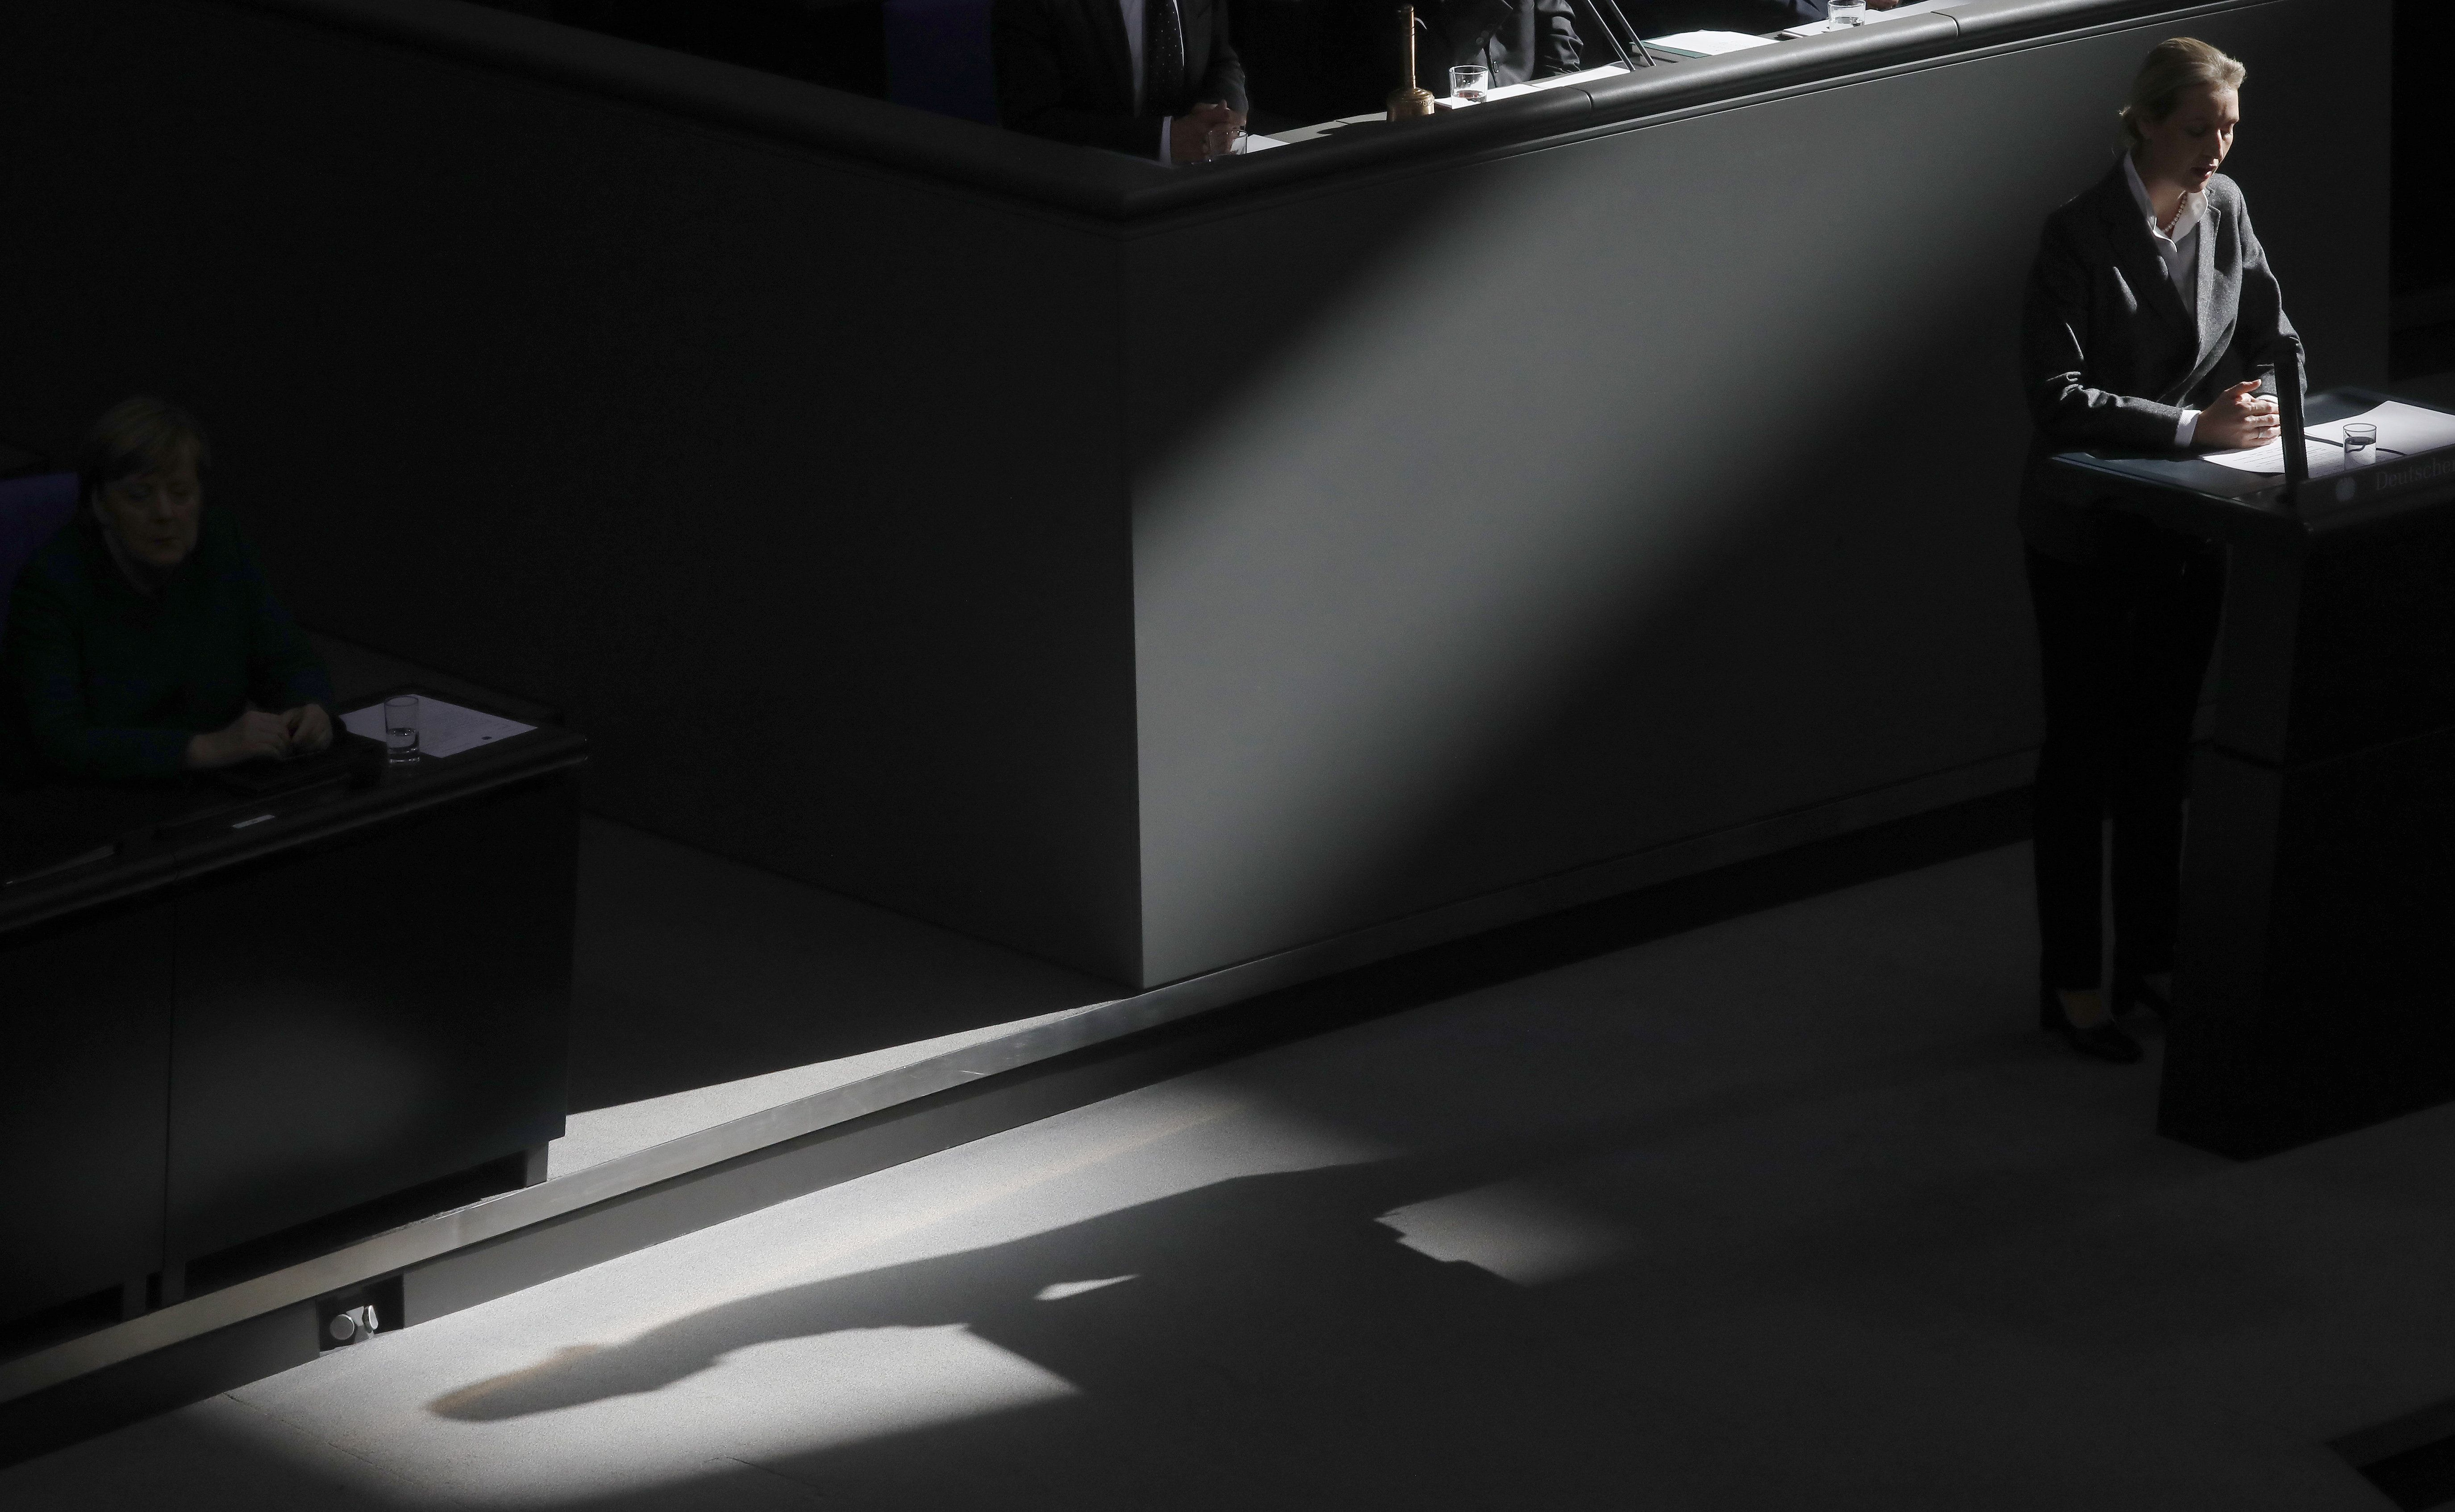 Was die AfD heute im Bundestag abgeliefert hat, muss uns ein Weckruf